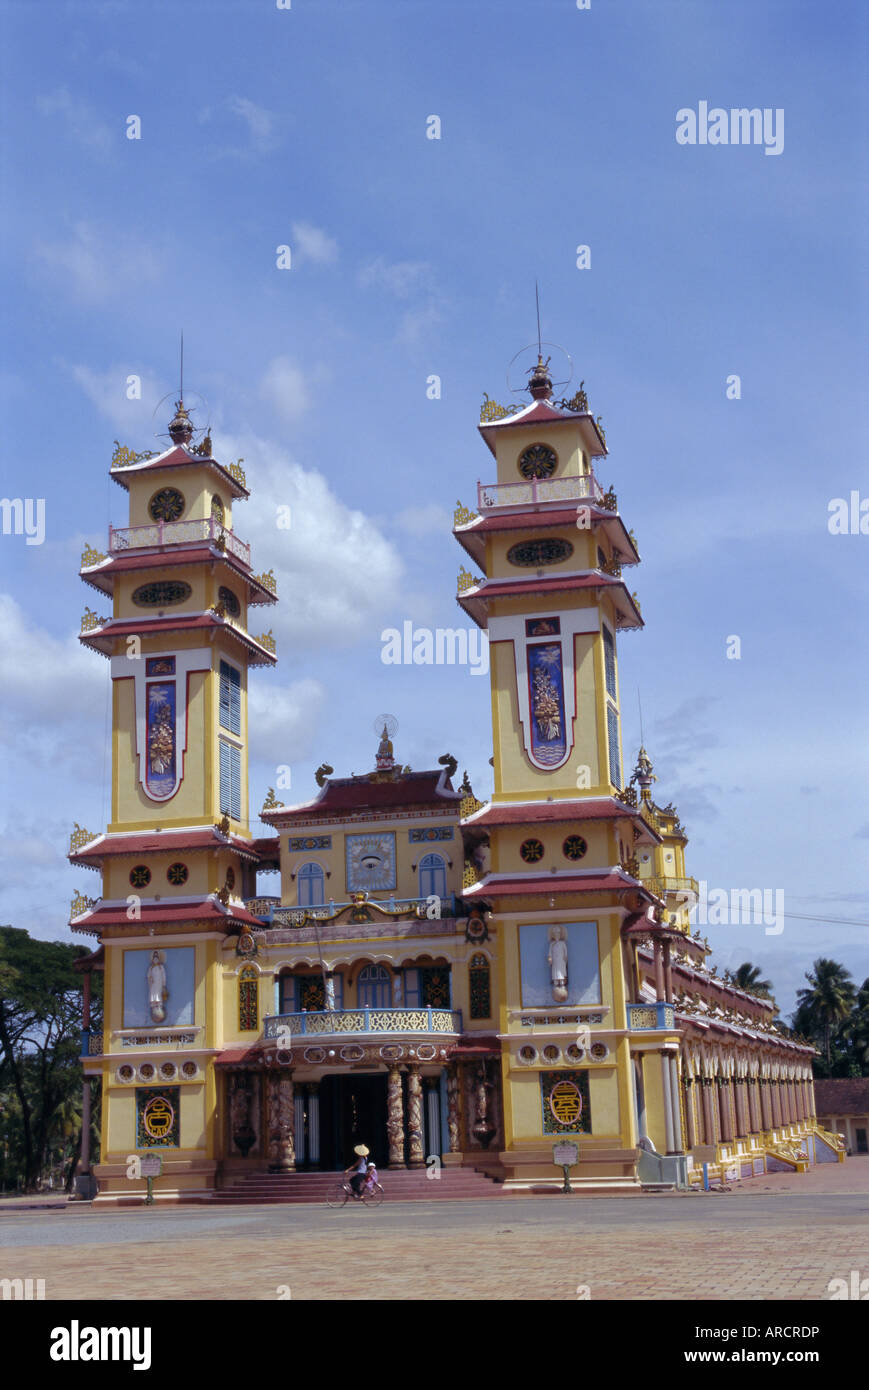 Cao Dai Tempel, Synthese der drei Religionen, Konfuzianismus, Taoismus, Vietnam, Indochina, Südost-Asien Stockbild